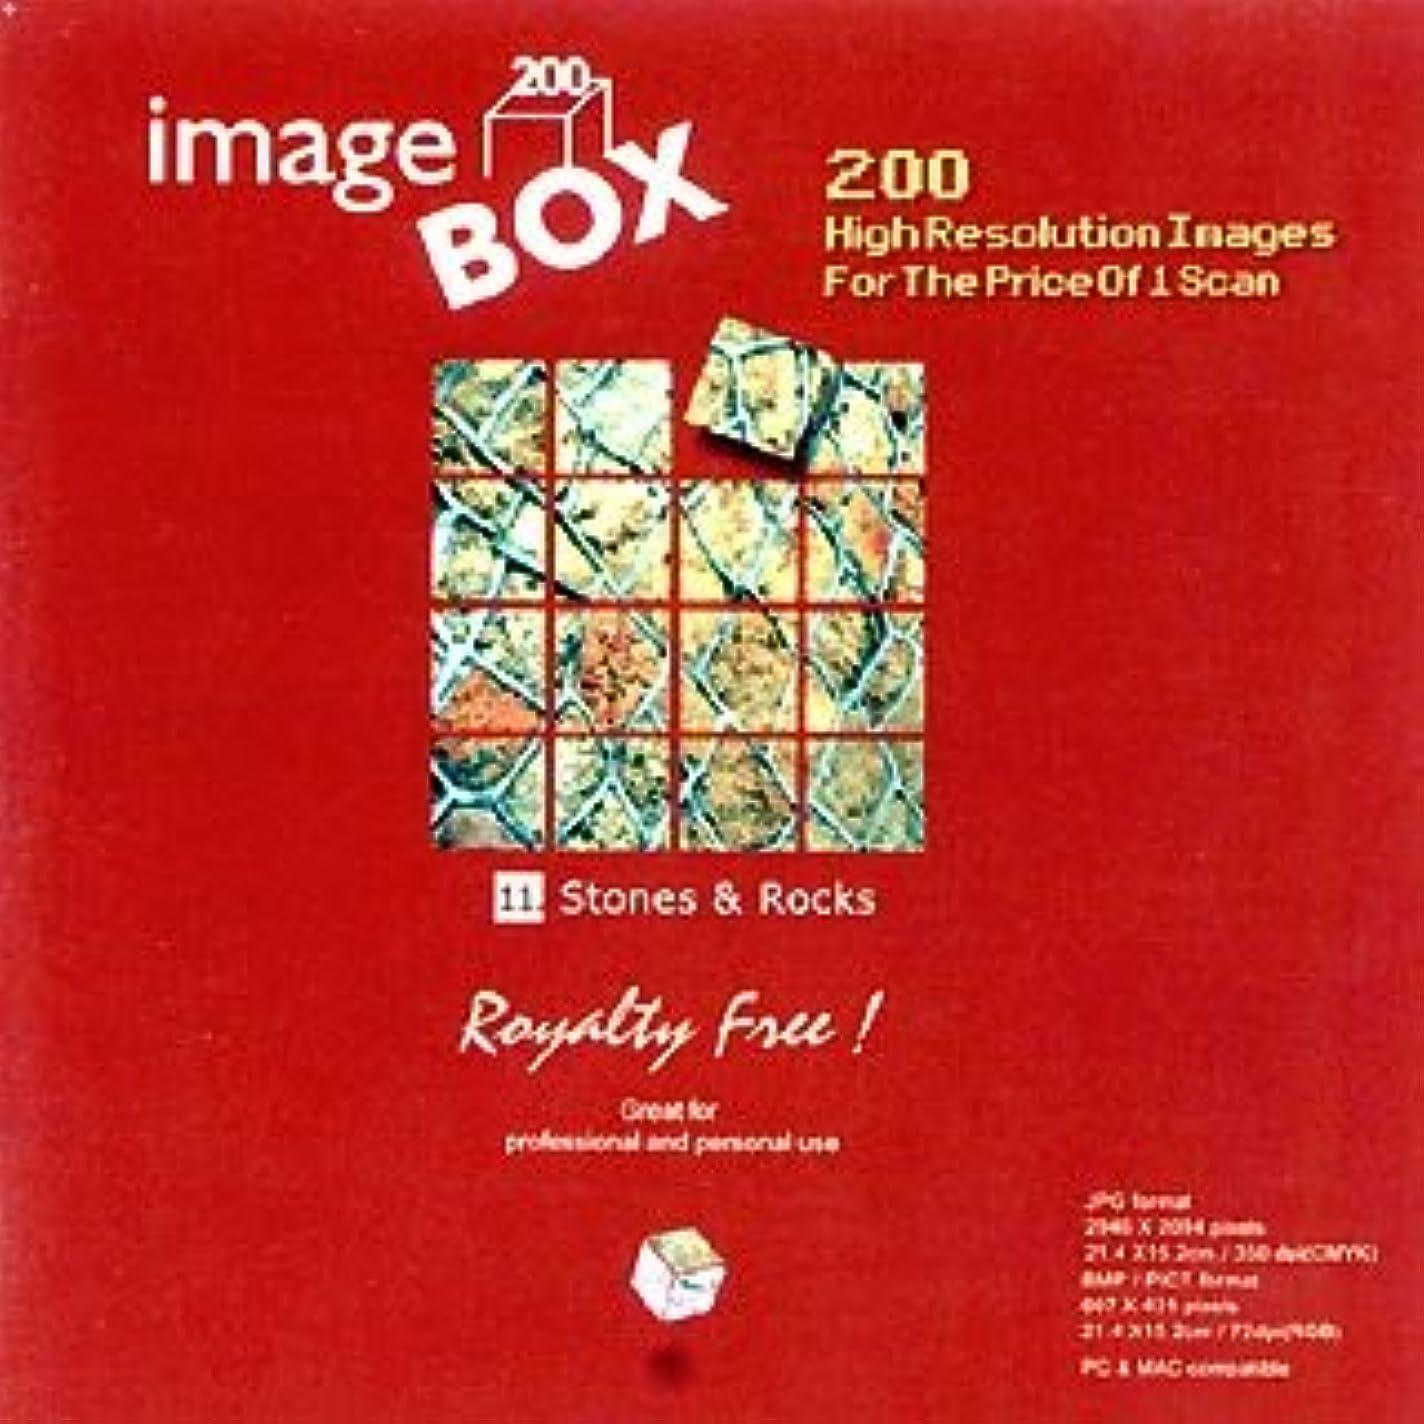 イメージ ボックス Vol.11 岩石